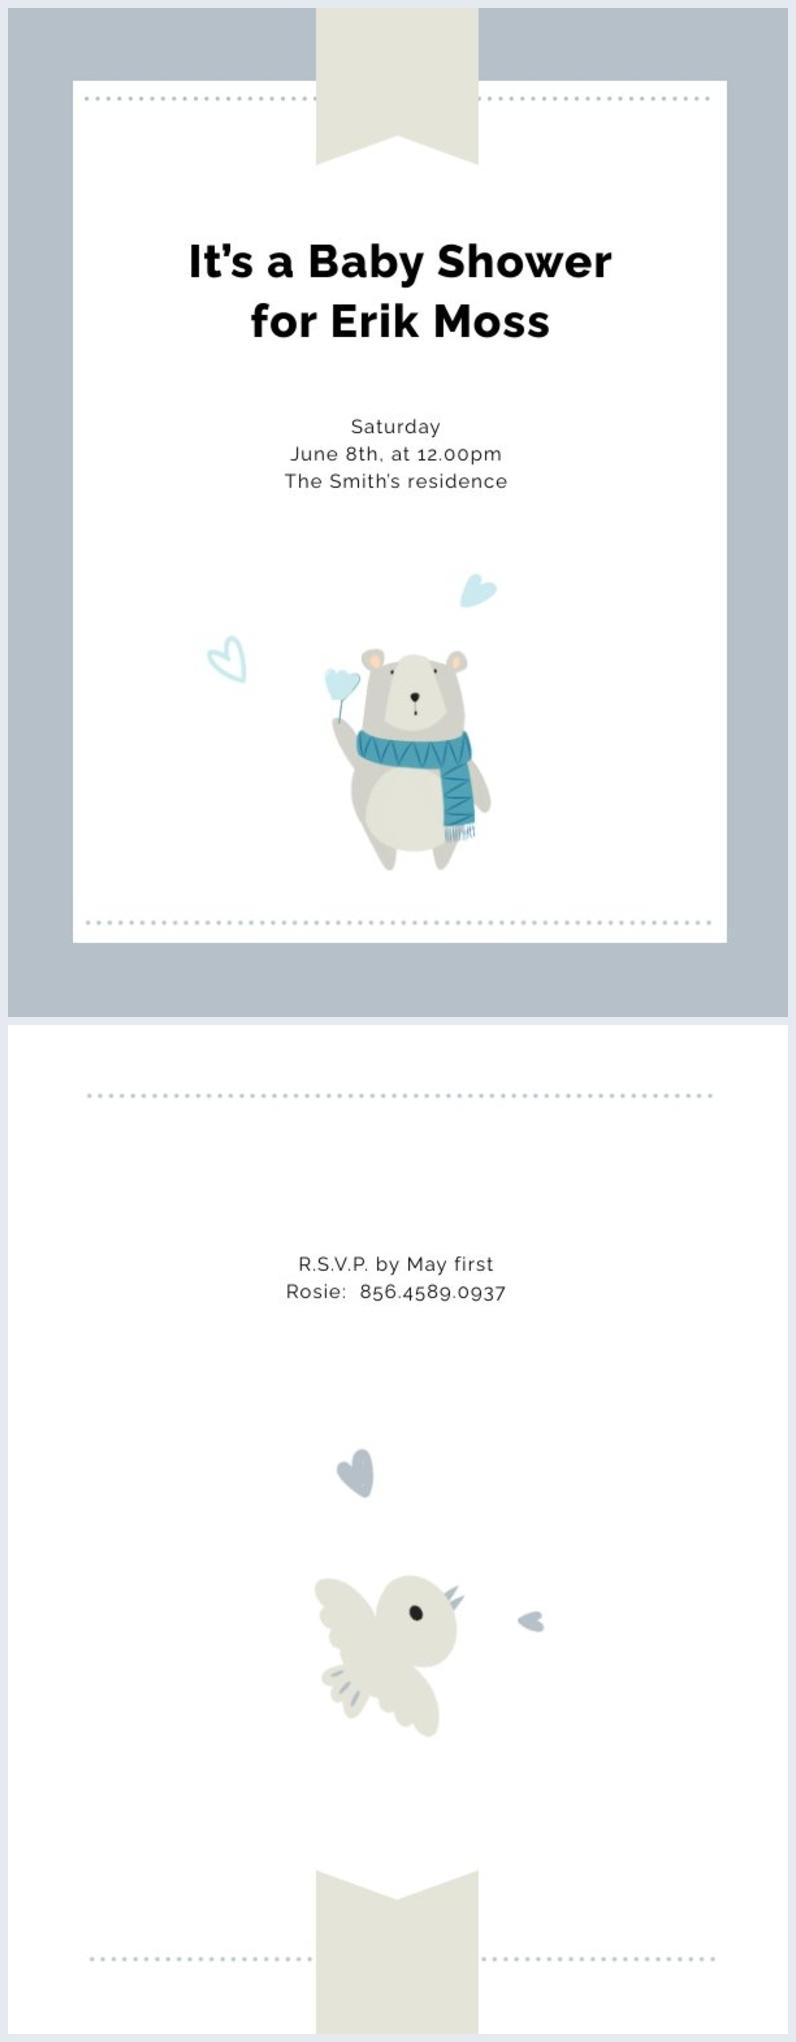 Ejemplo de diseño para invitación a fiesta de regalos para el bebé